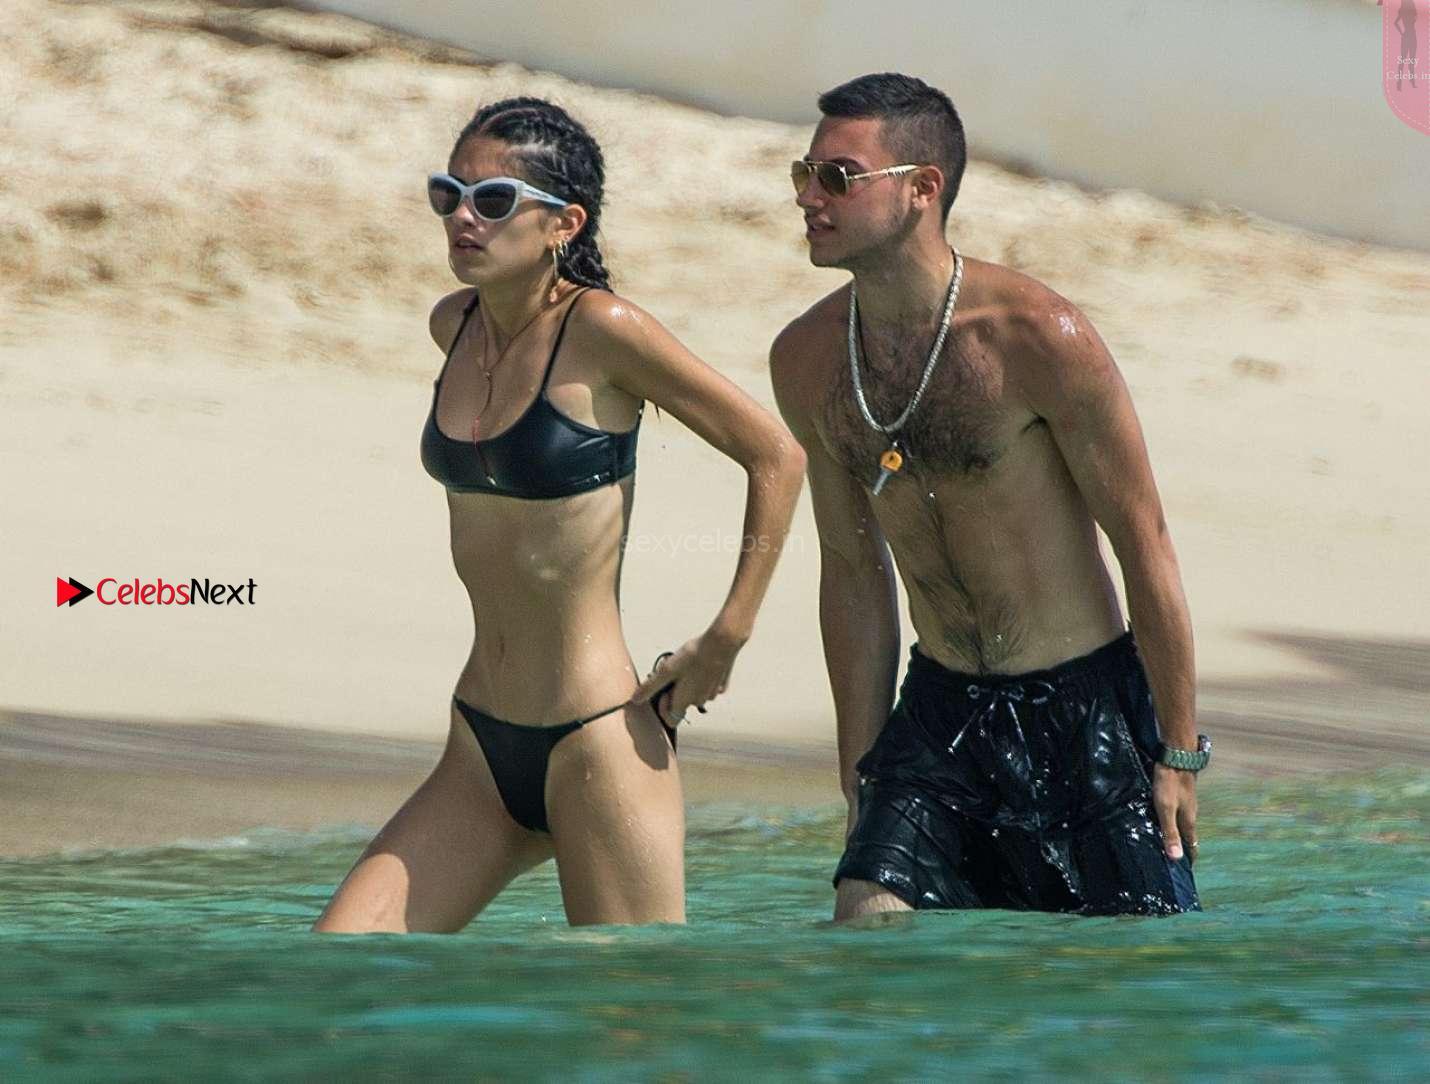 Kim Turnbull sexy young beautiful teenager in wet Black Bikini 2017